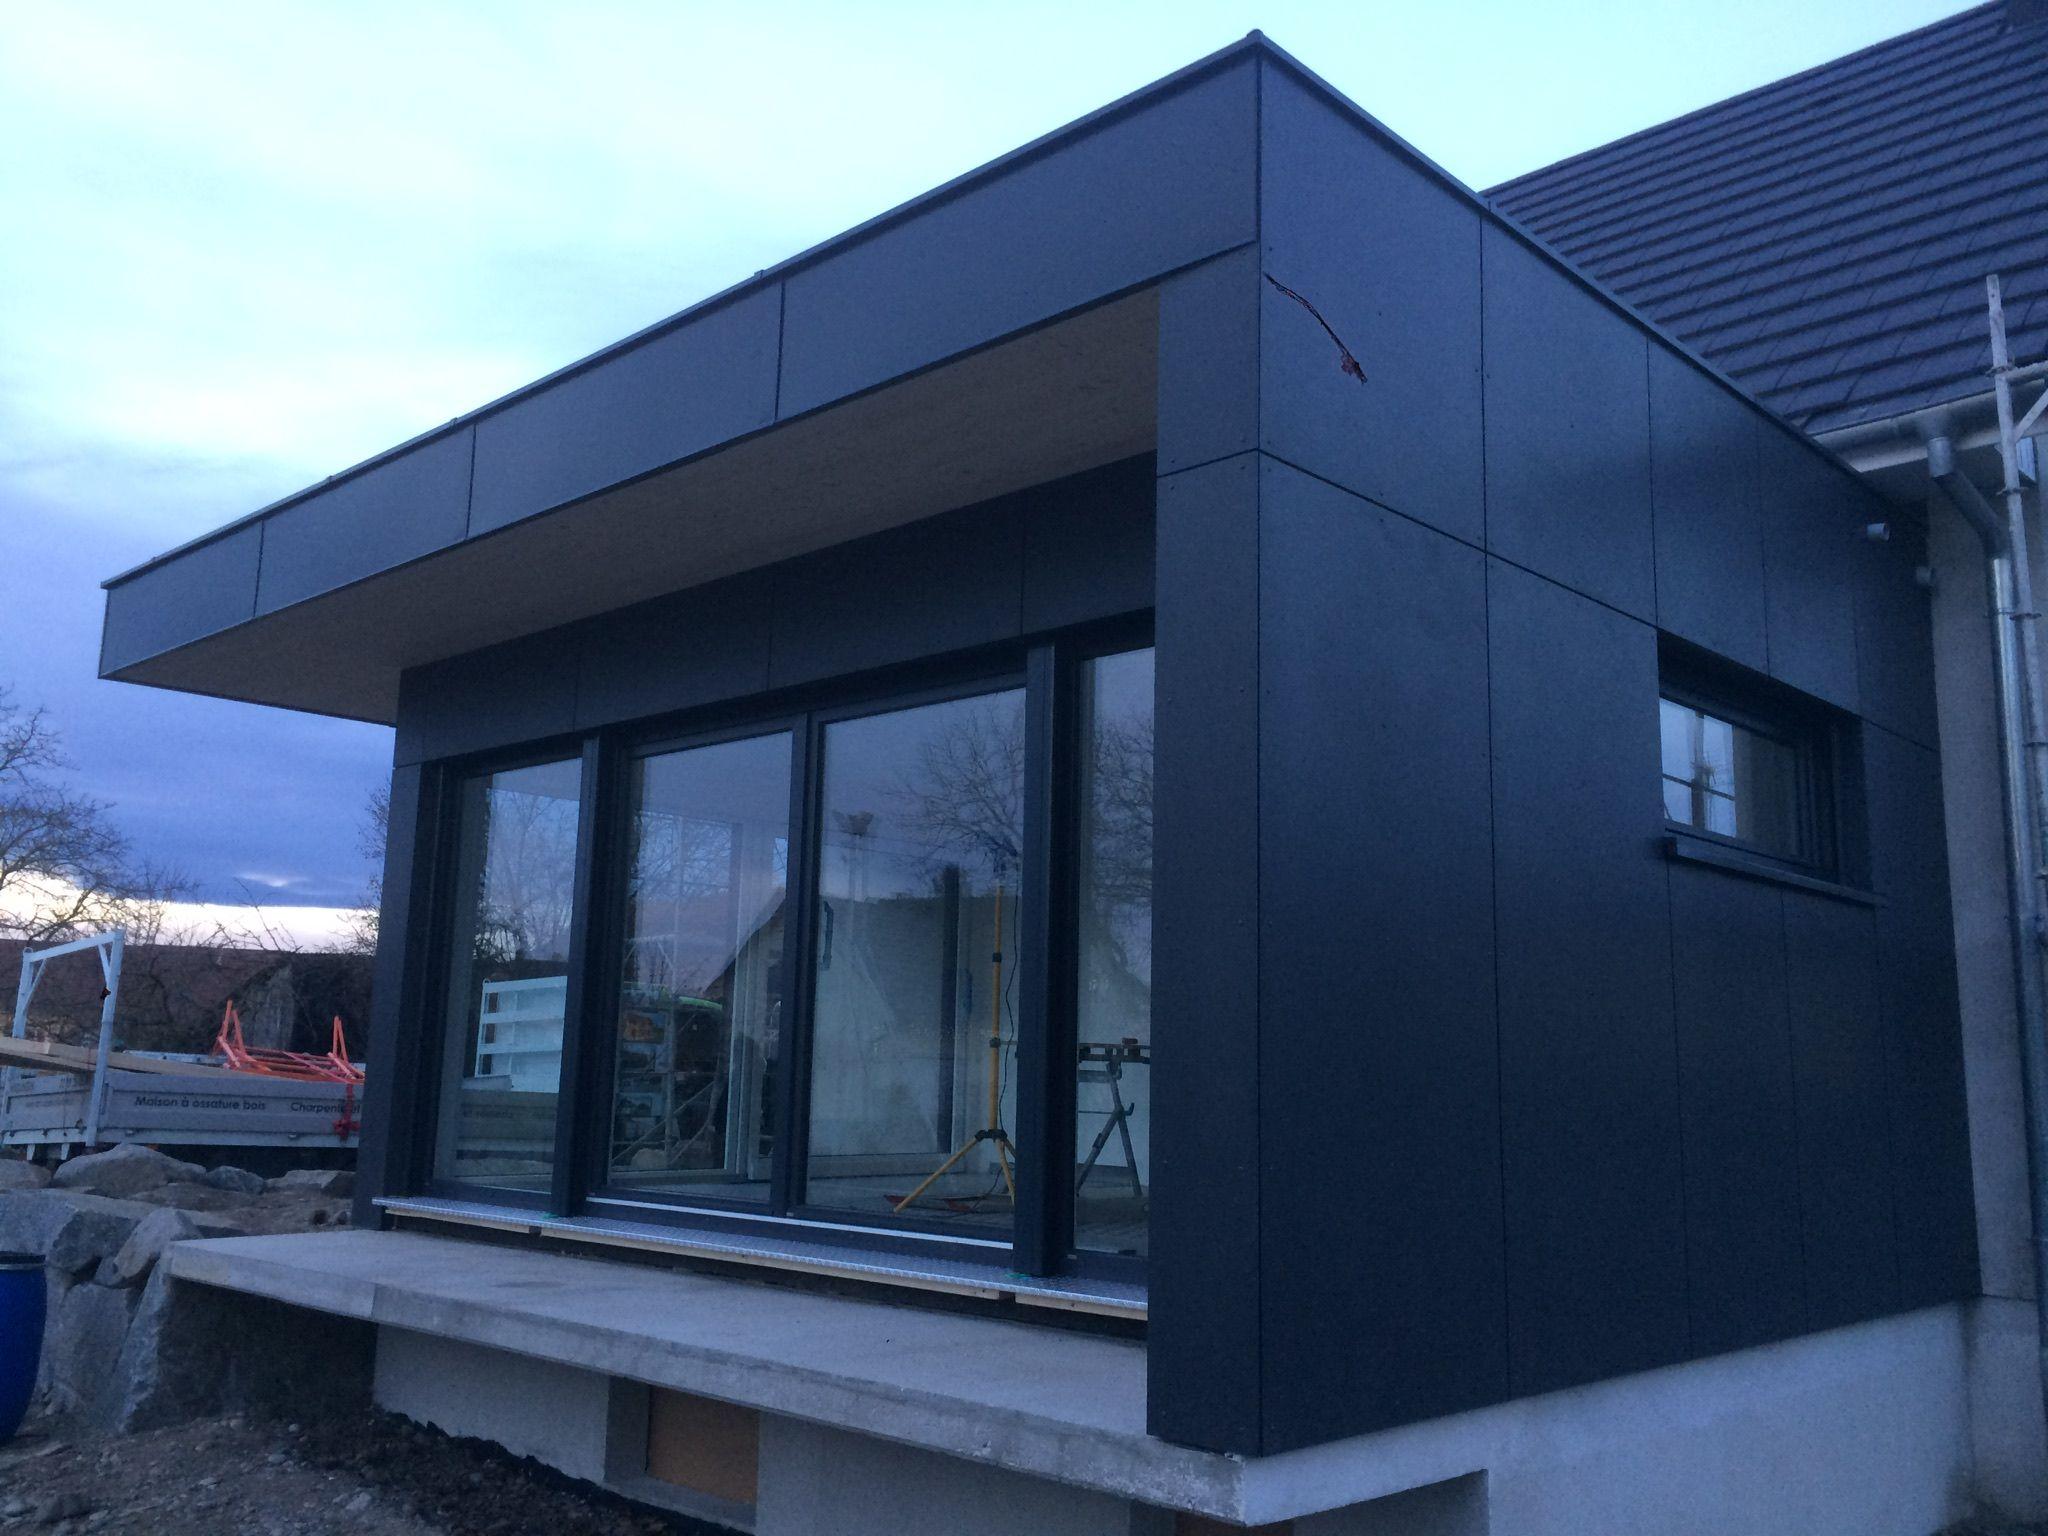 0d3442ed84110d2cb923db6bad737cad Luxe De Abris De Jardin Belgique Concept